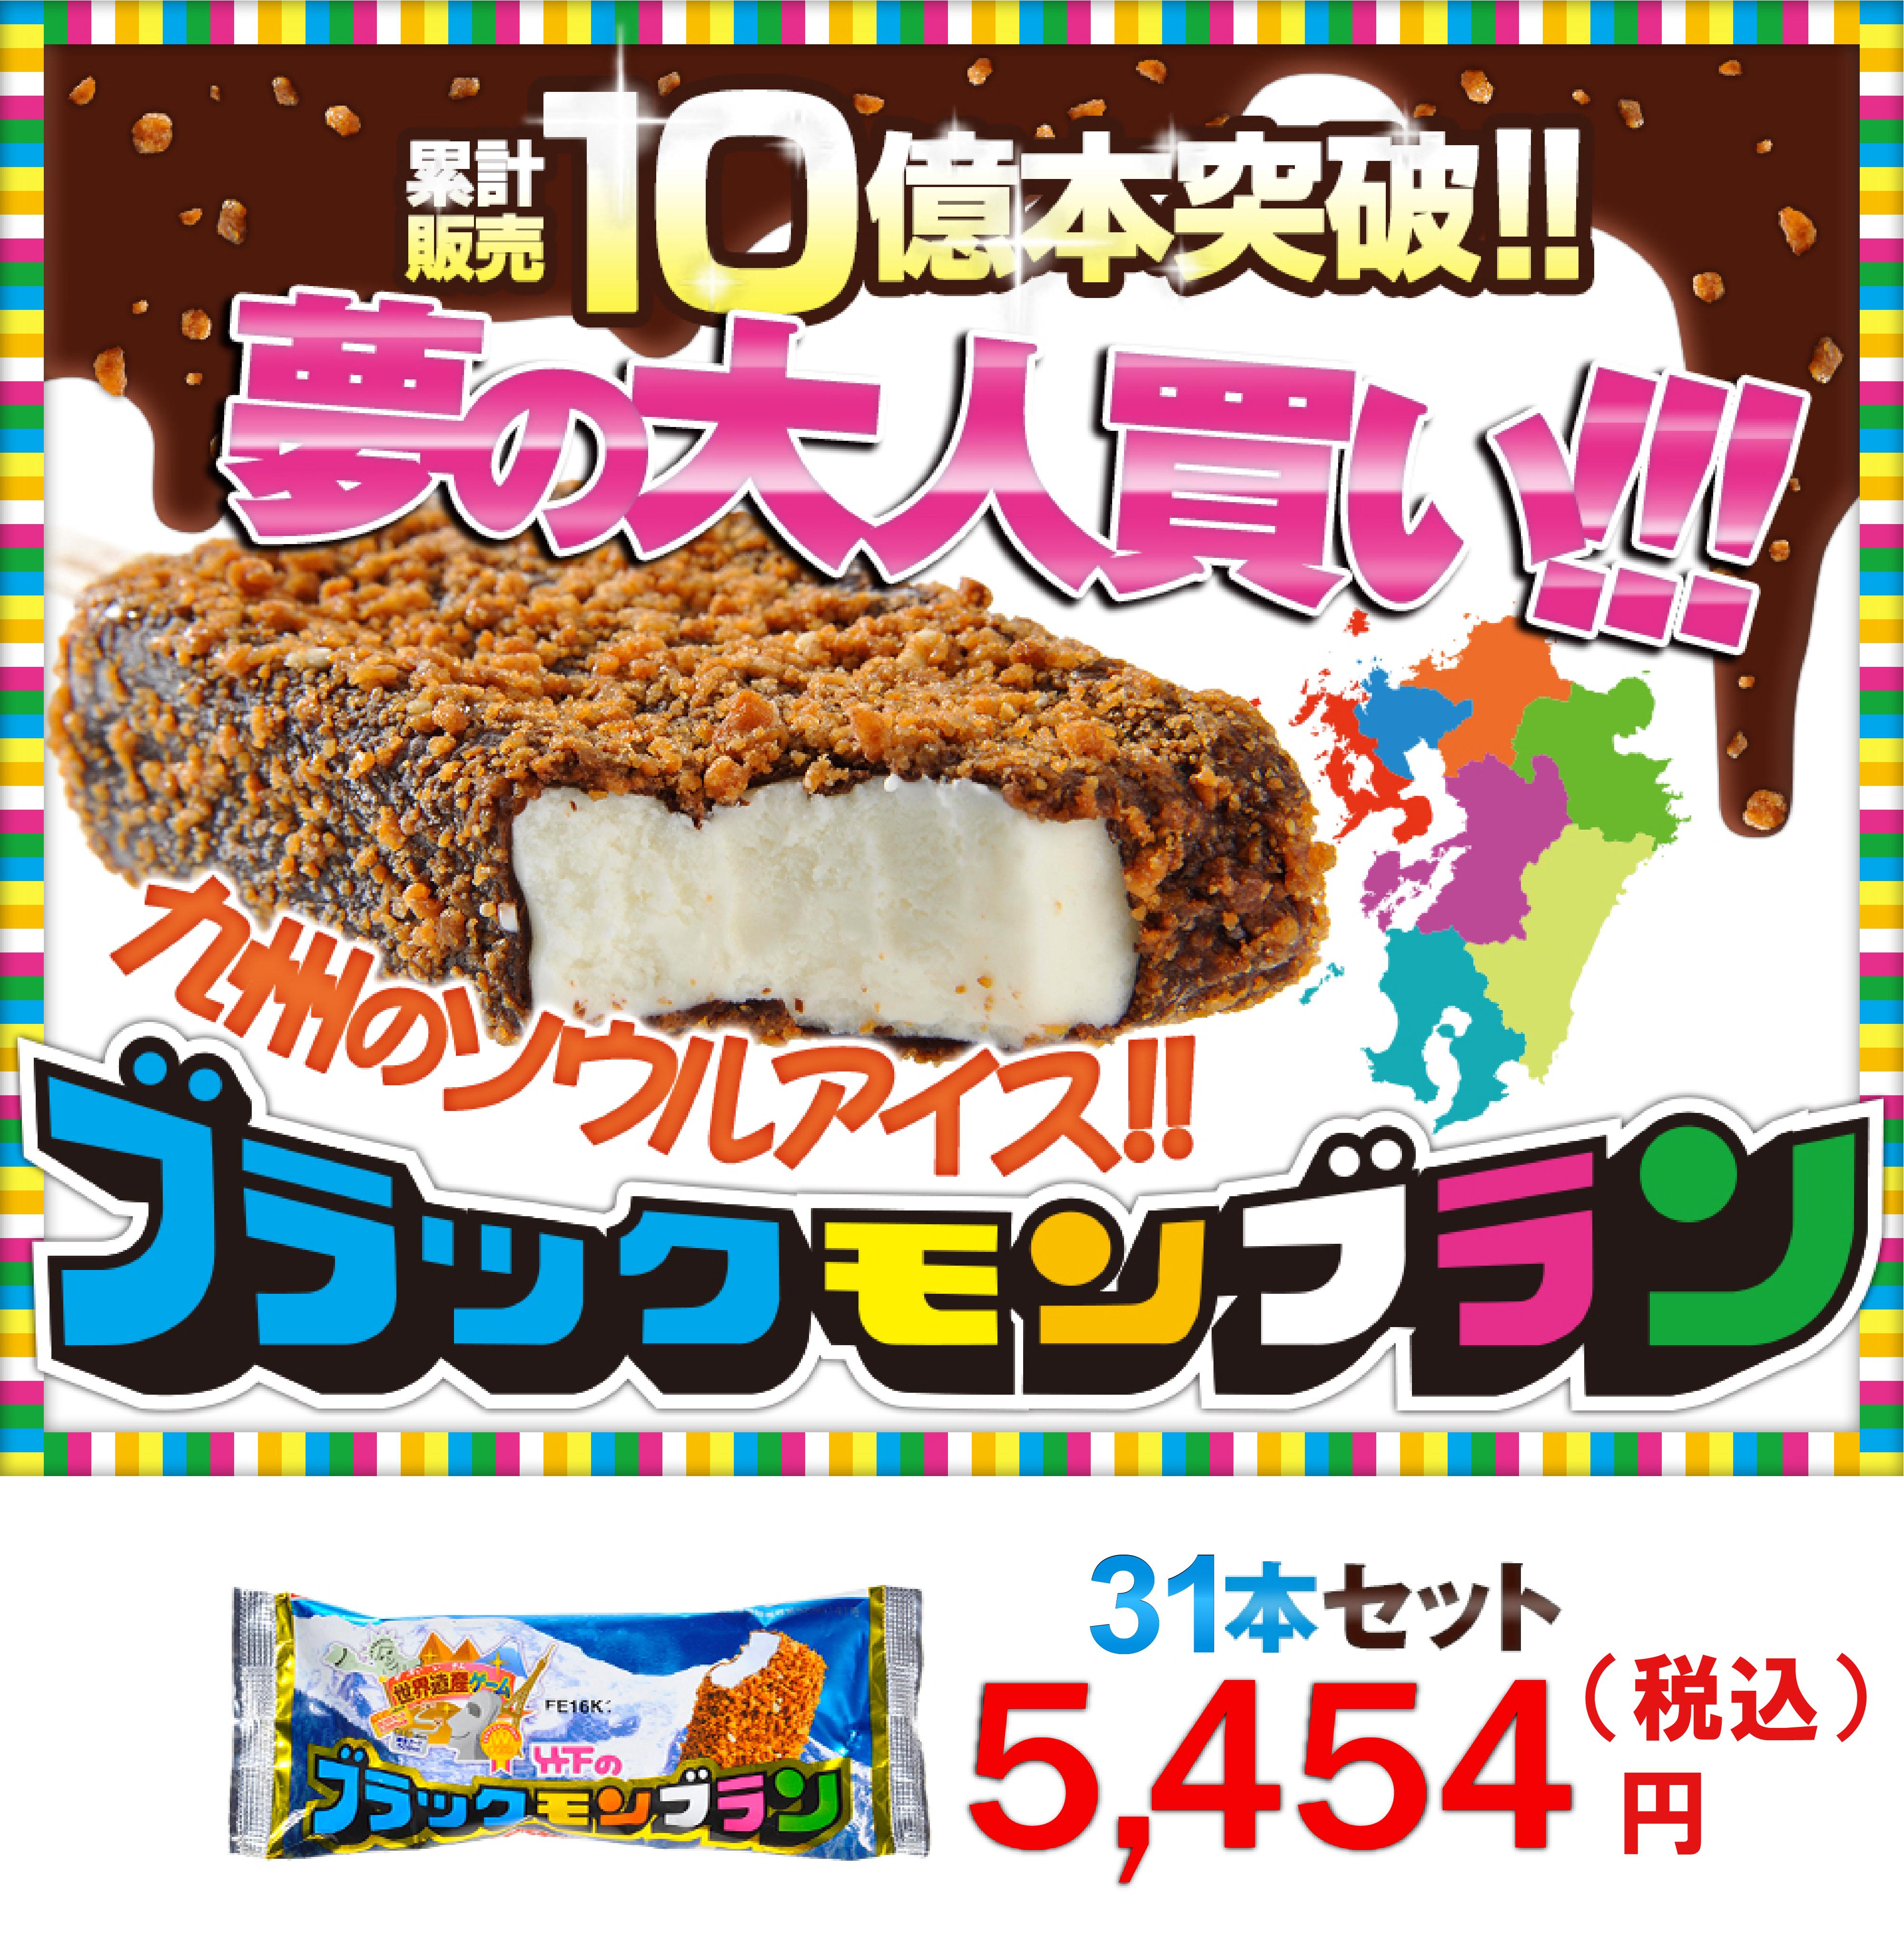 BM31本入5,454円